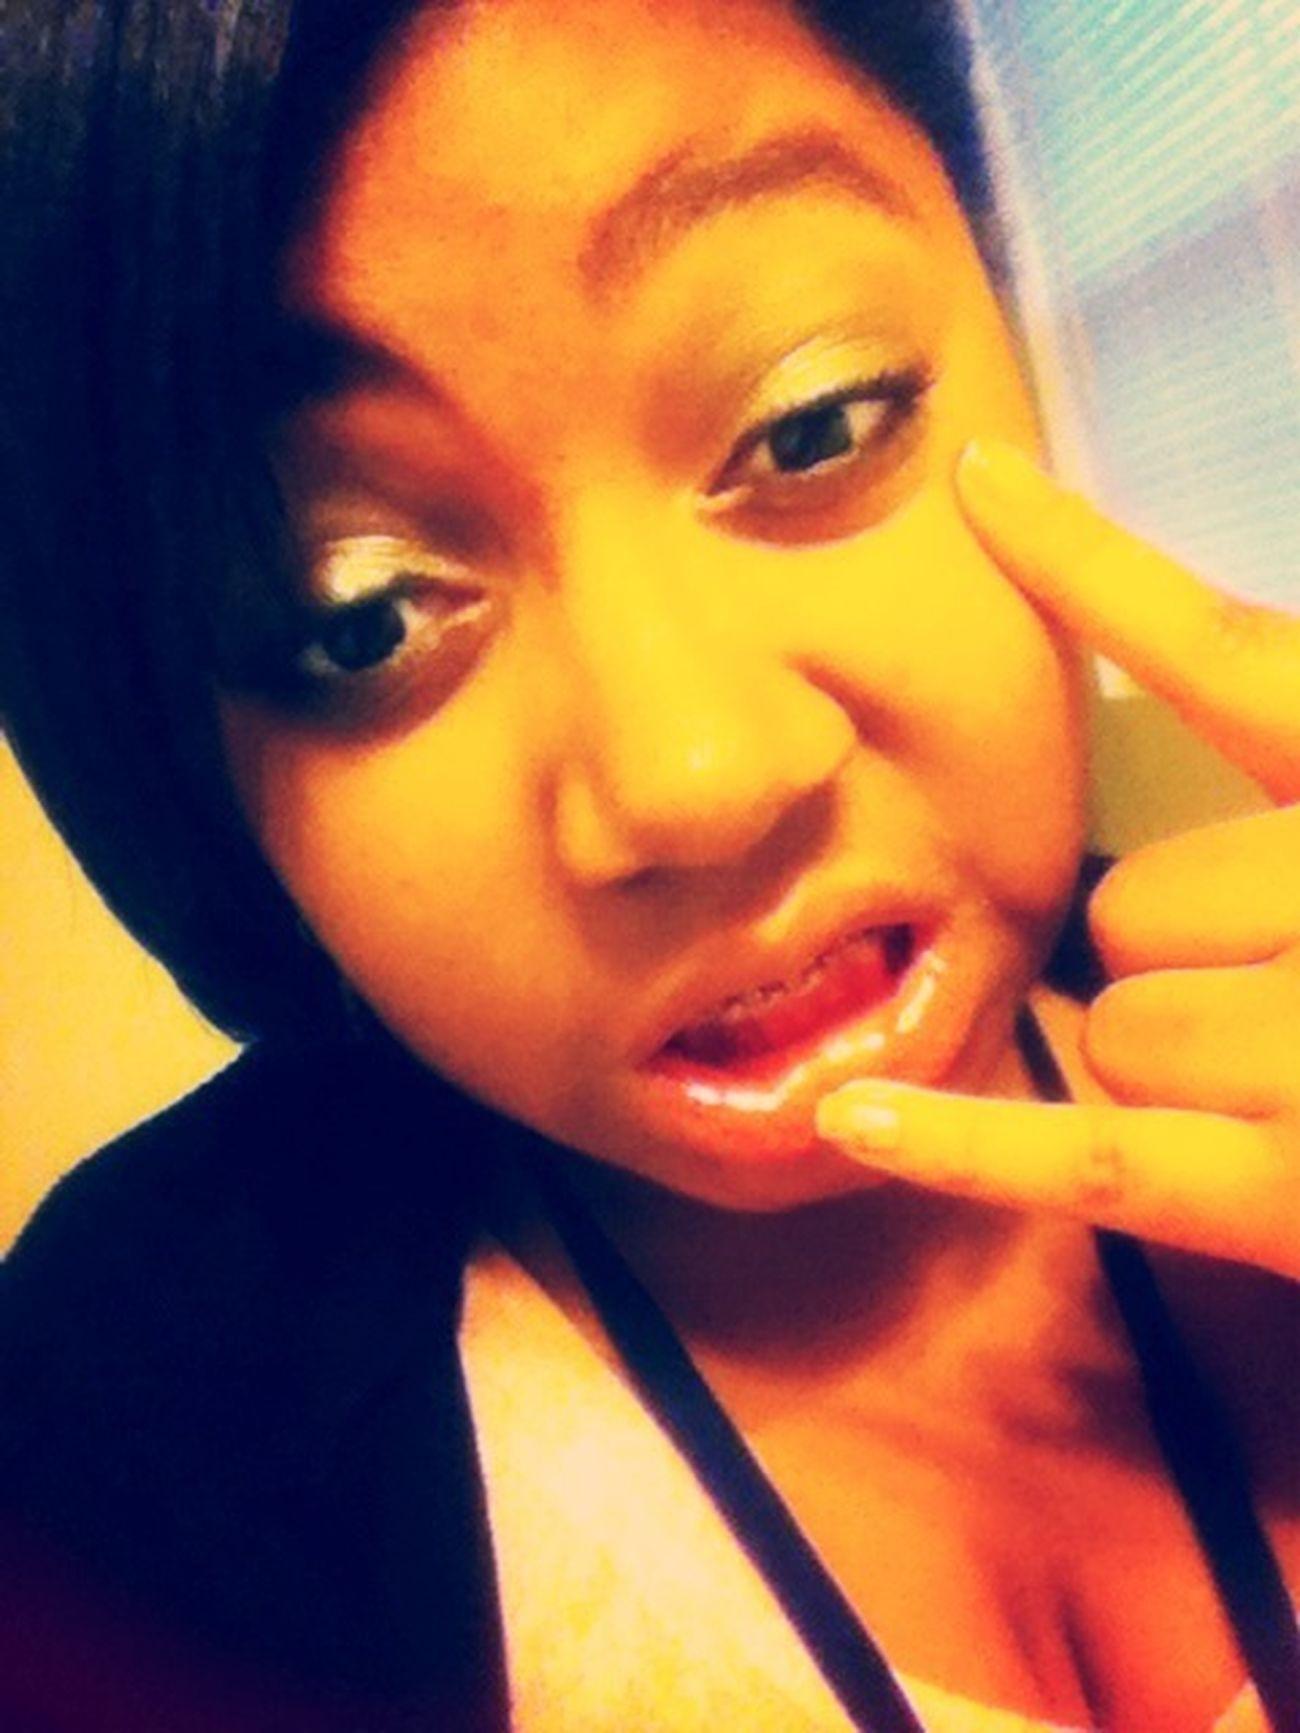 It's just me :) hmu lol don't judge :)